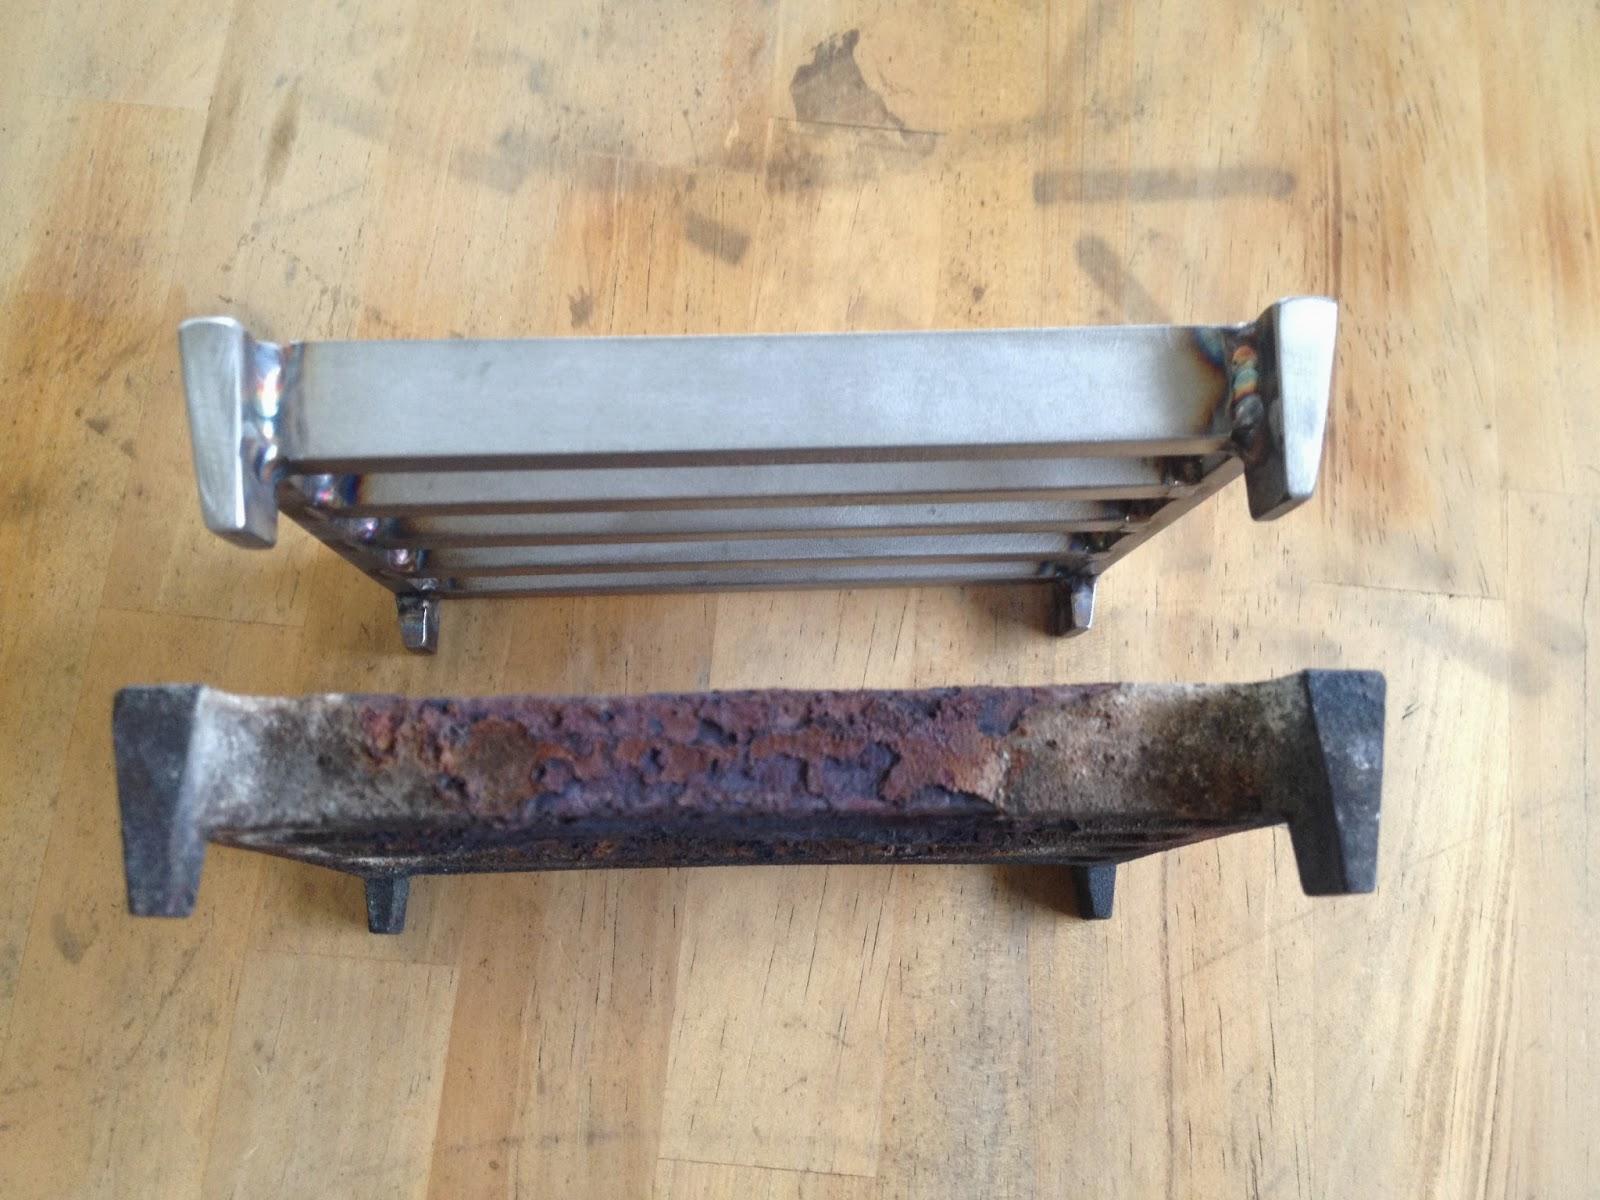 あおもりの鉄おやじ ロートアイアン: 薪ストーブ部品修理